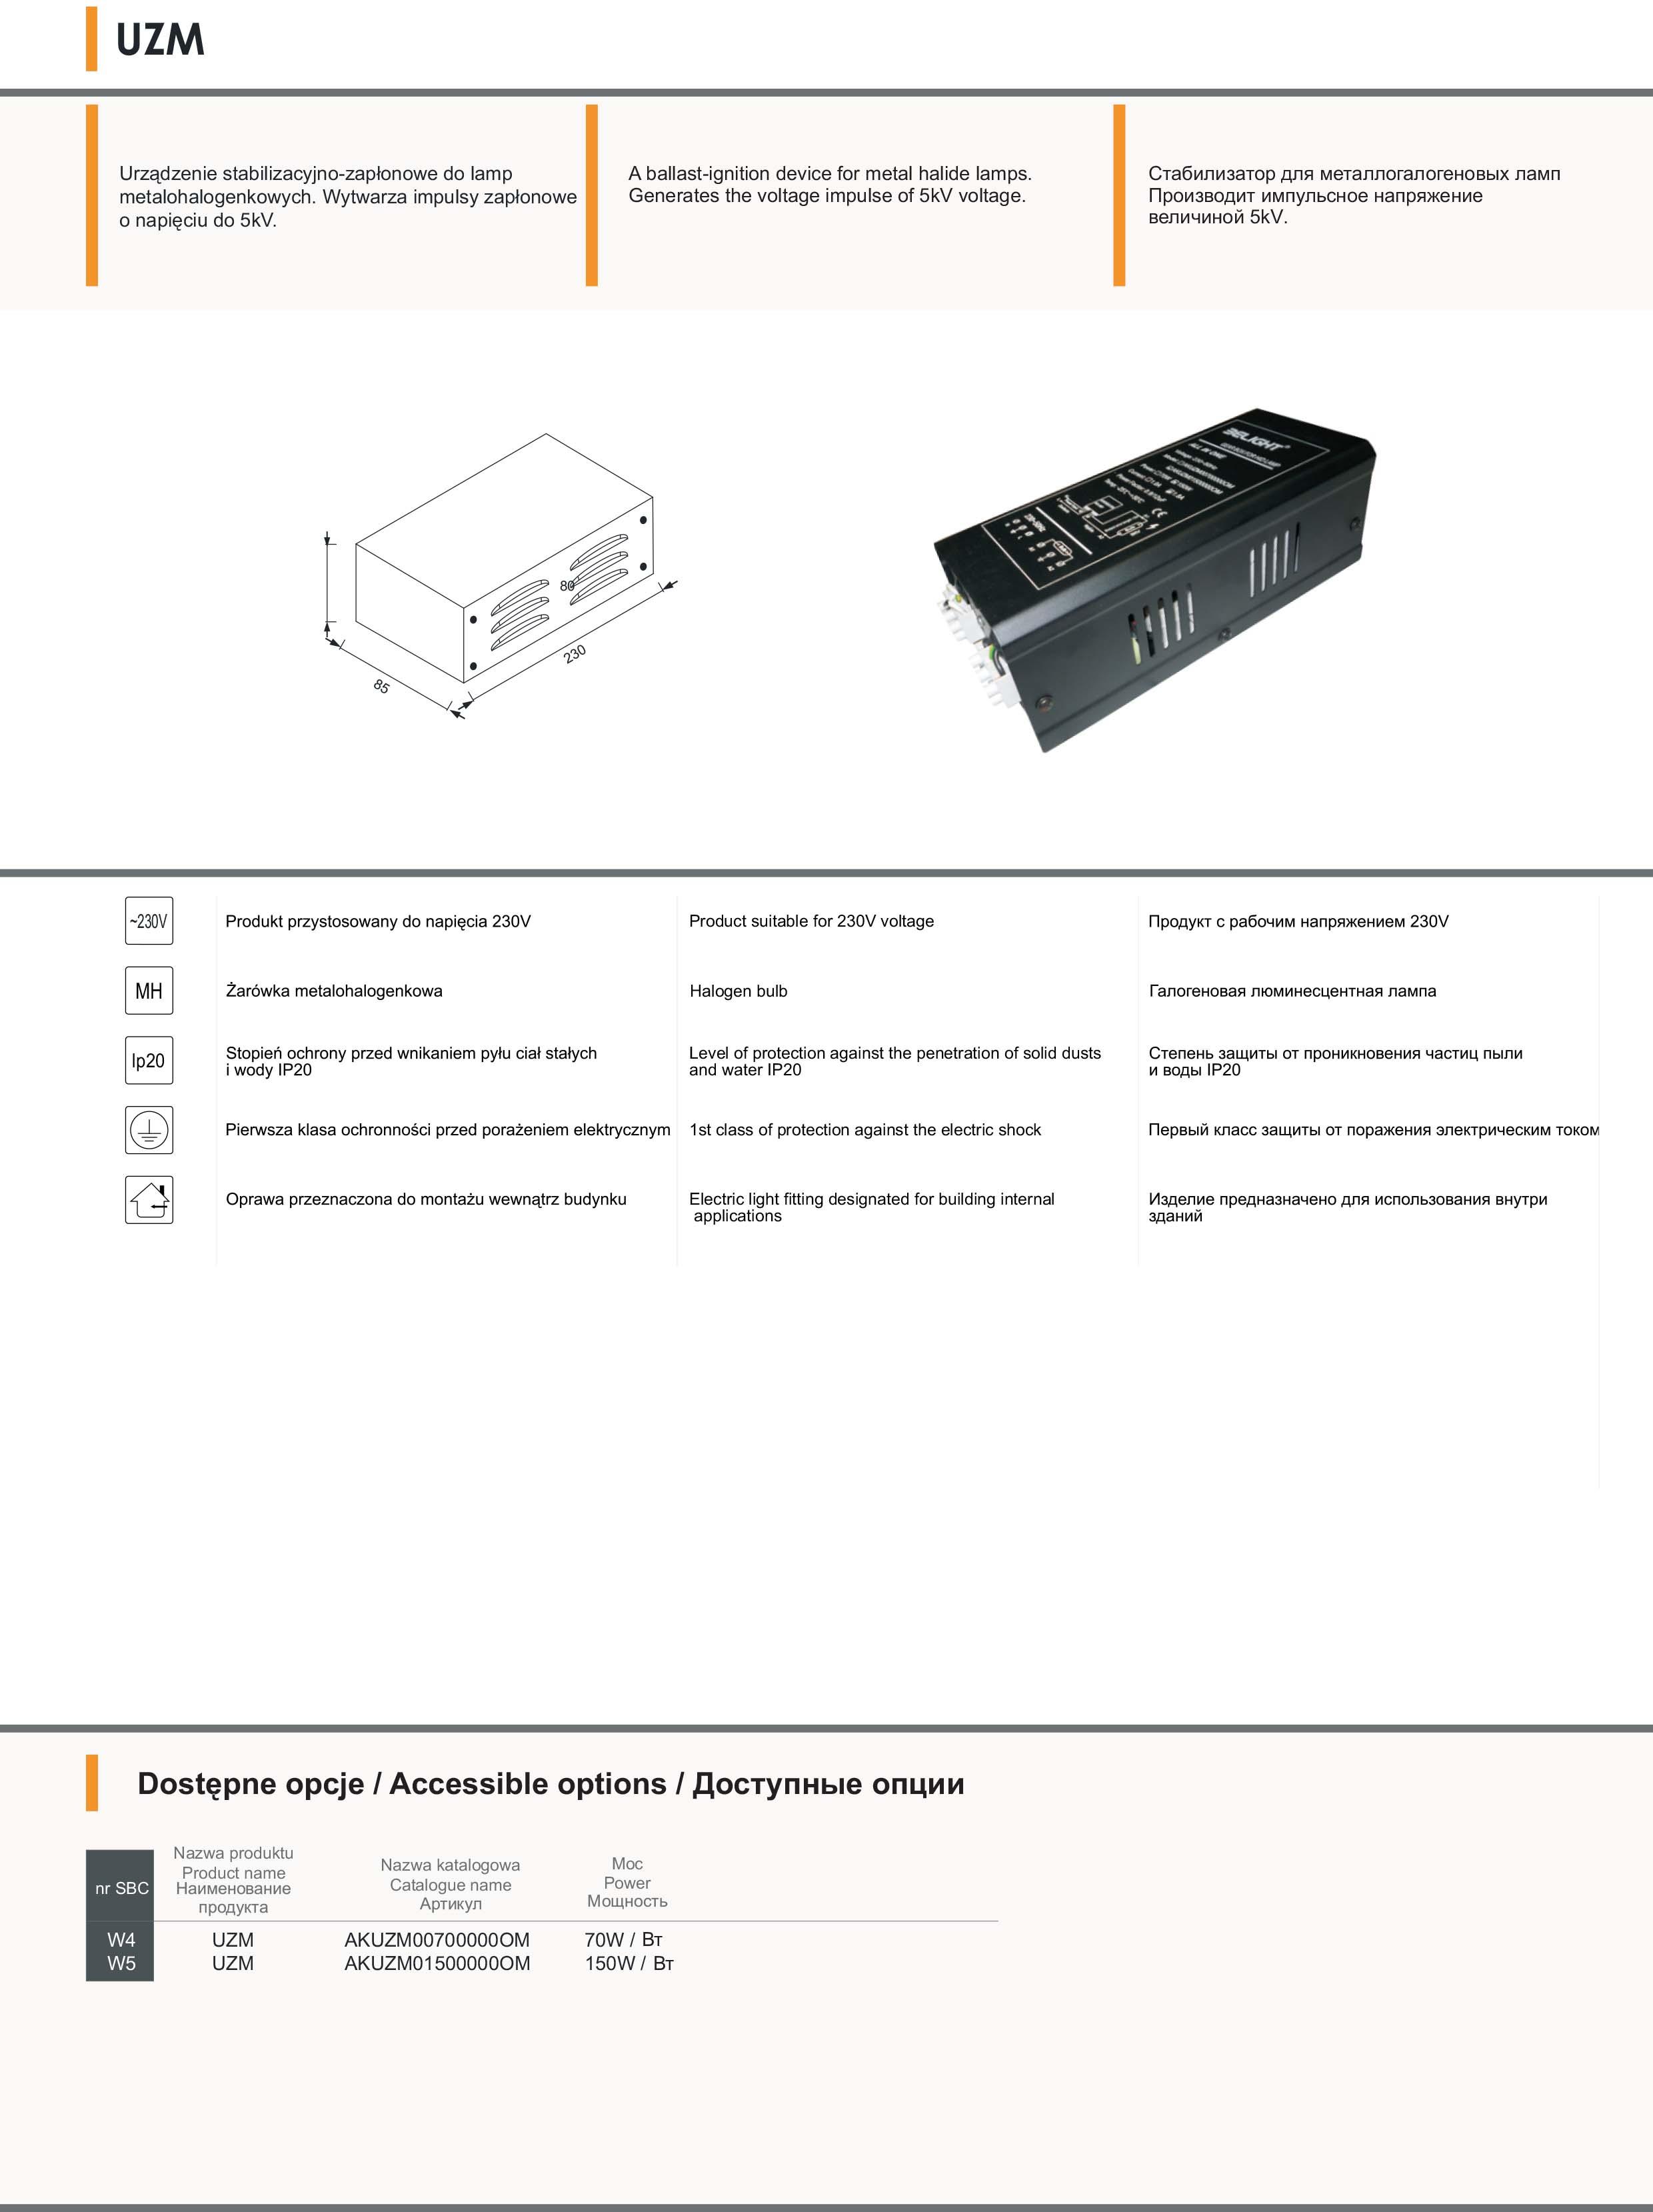 http://serwer1625144.home.pl/OPRAWY/UZM.jpg